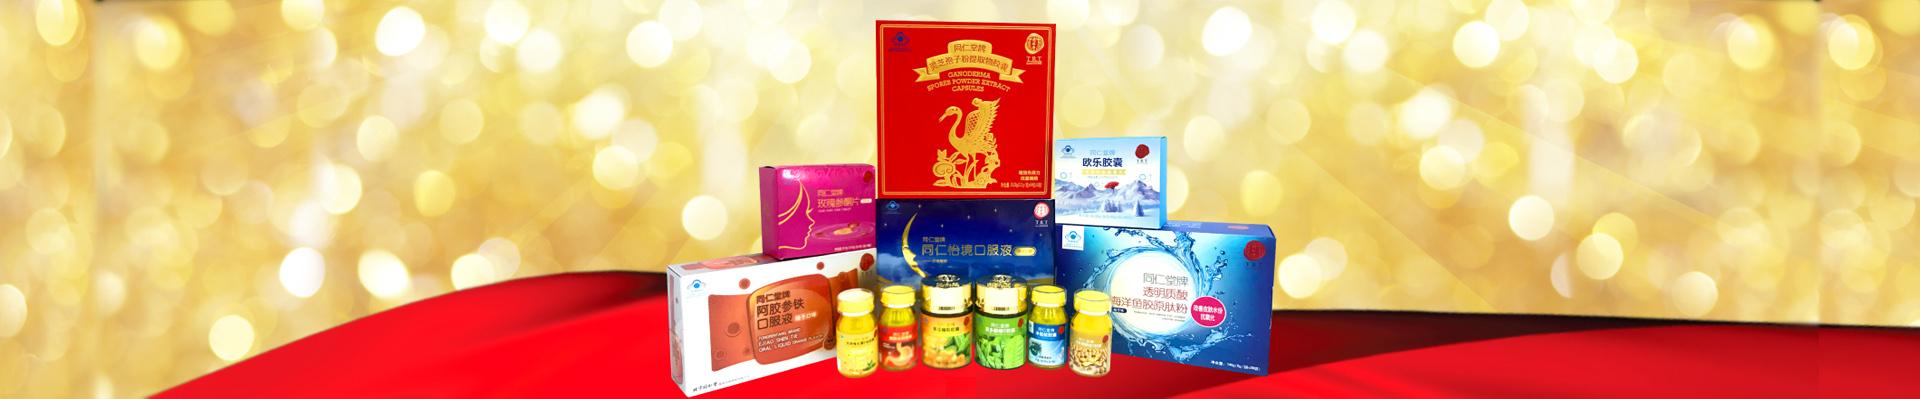 北京同仁堂直销有哪些产品?